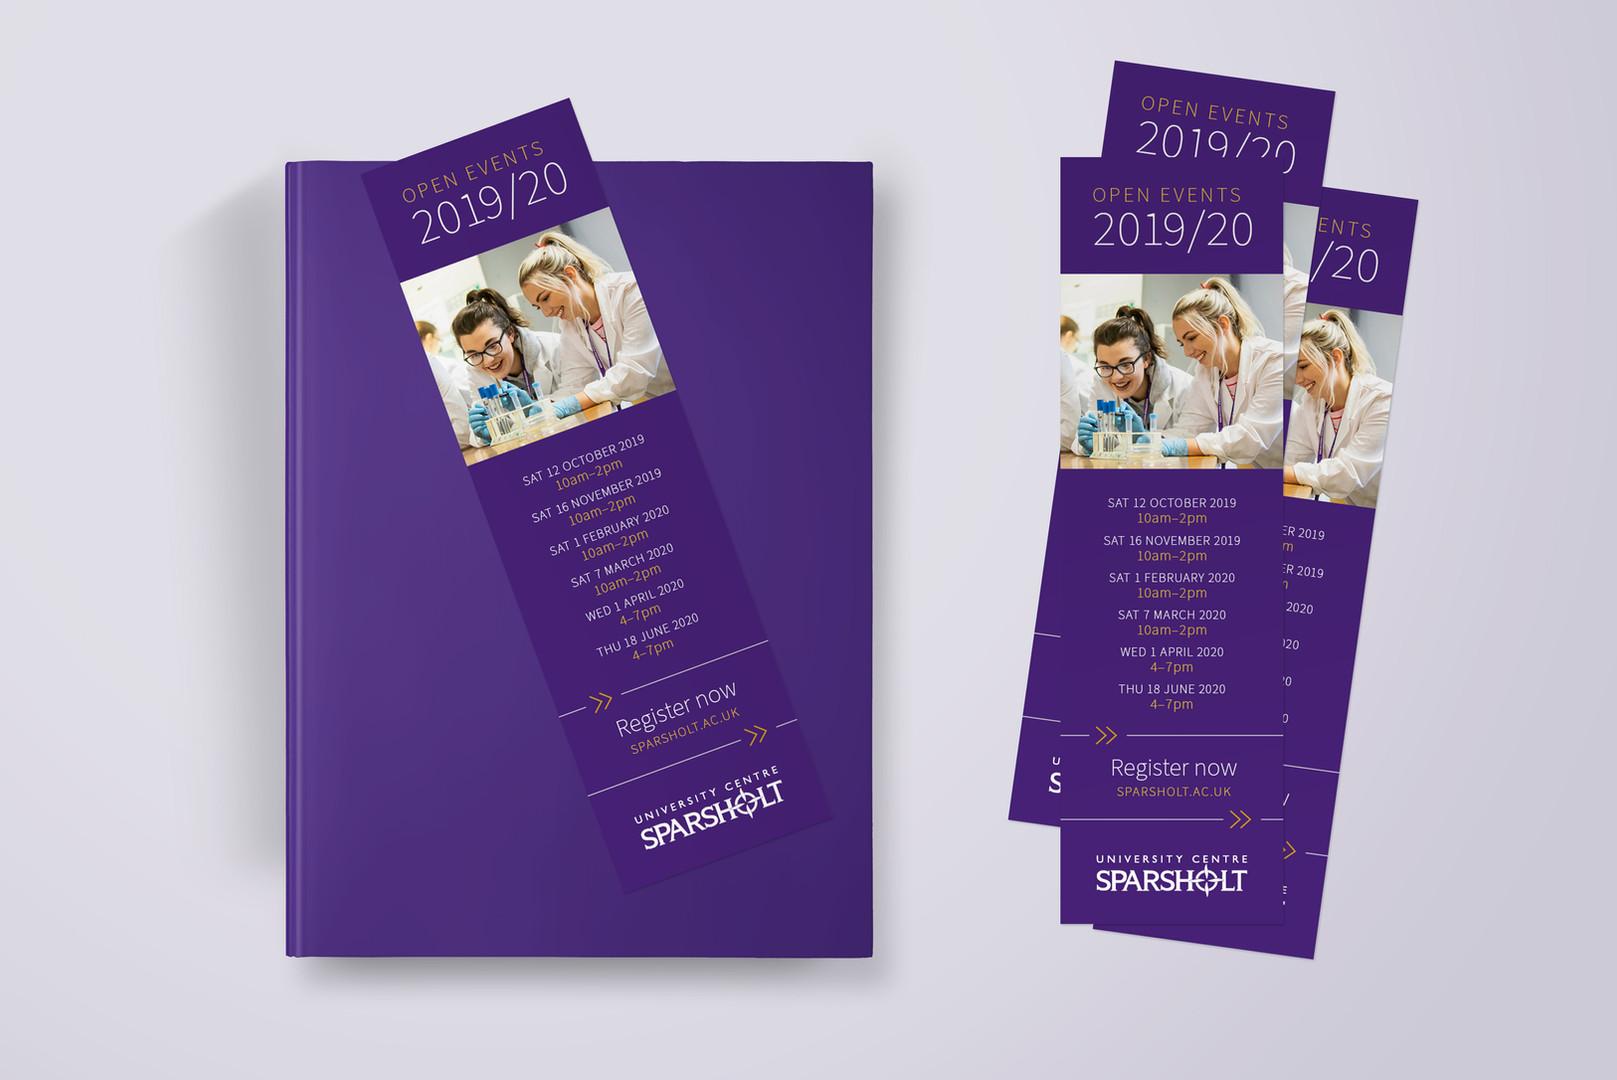 bookmark-mockup-by-PhotoshopSupply-Recov